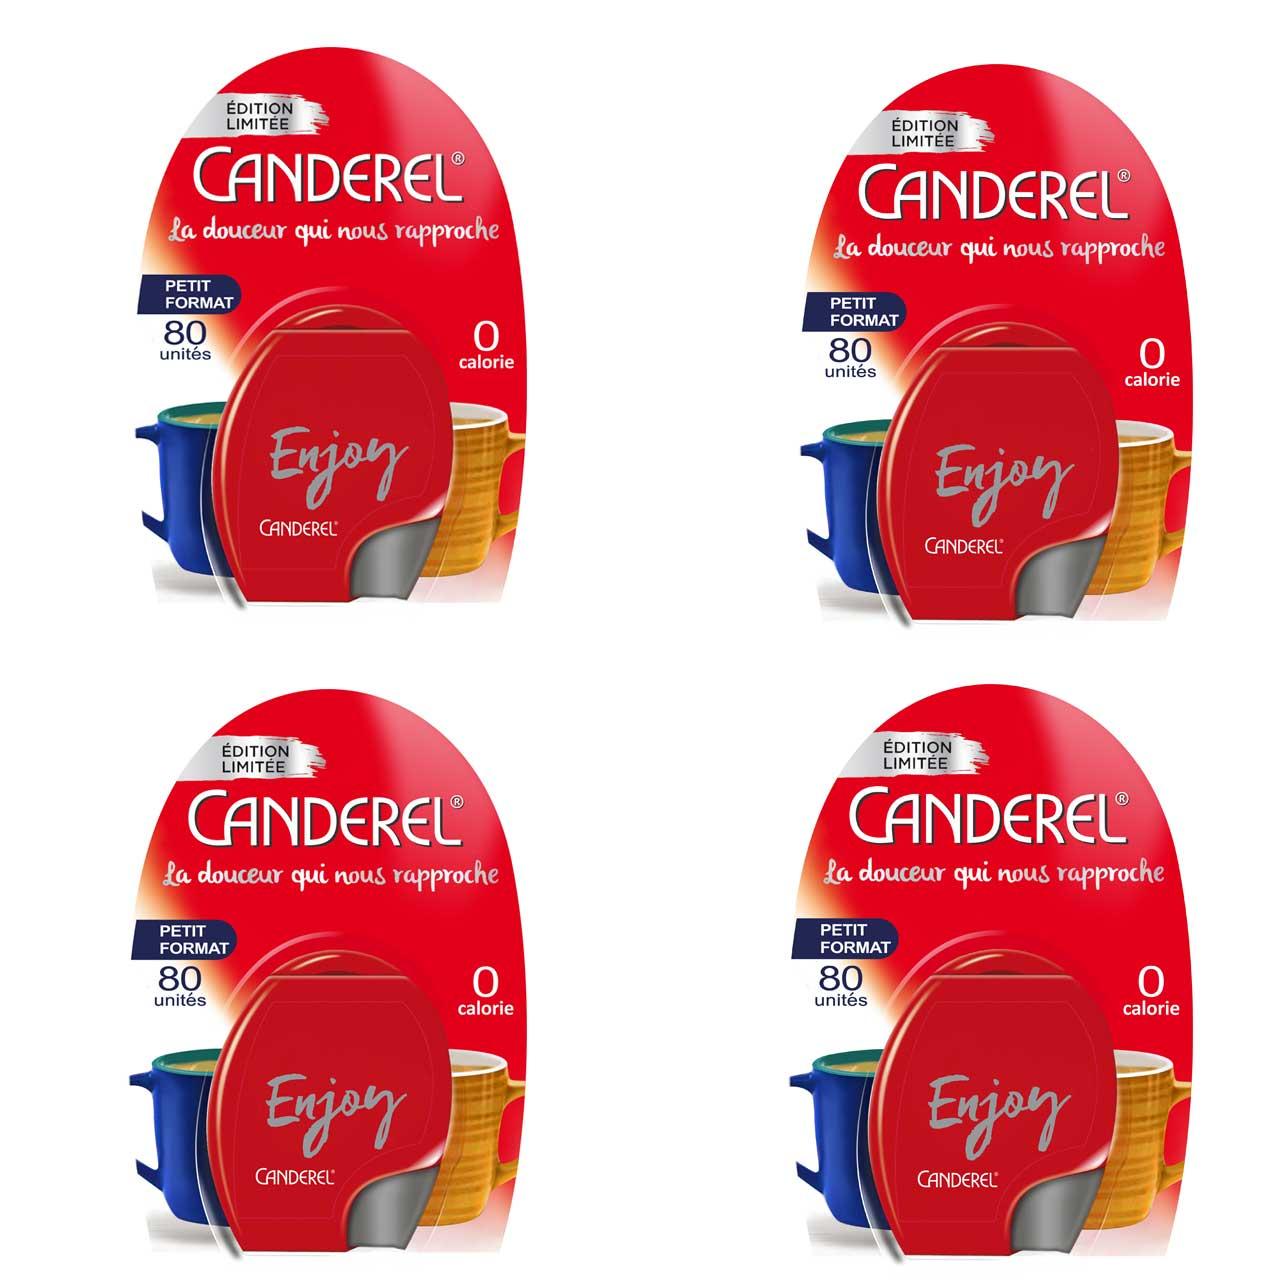 شیرین کننده رژیمی کاندرل مدل Enjoy بسته 4 عددی